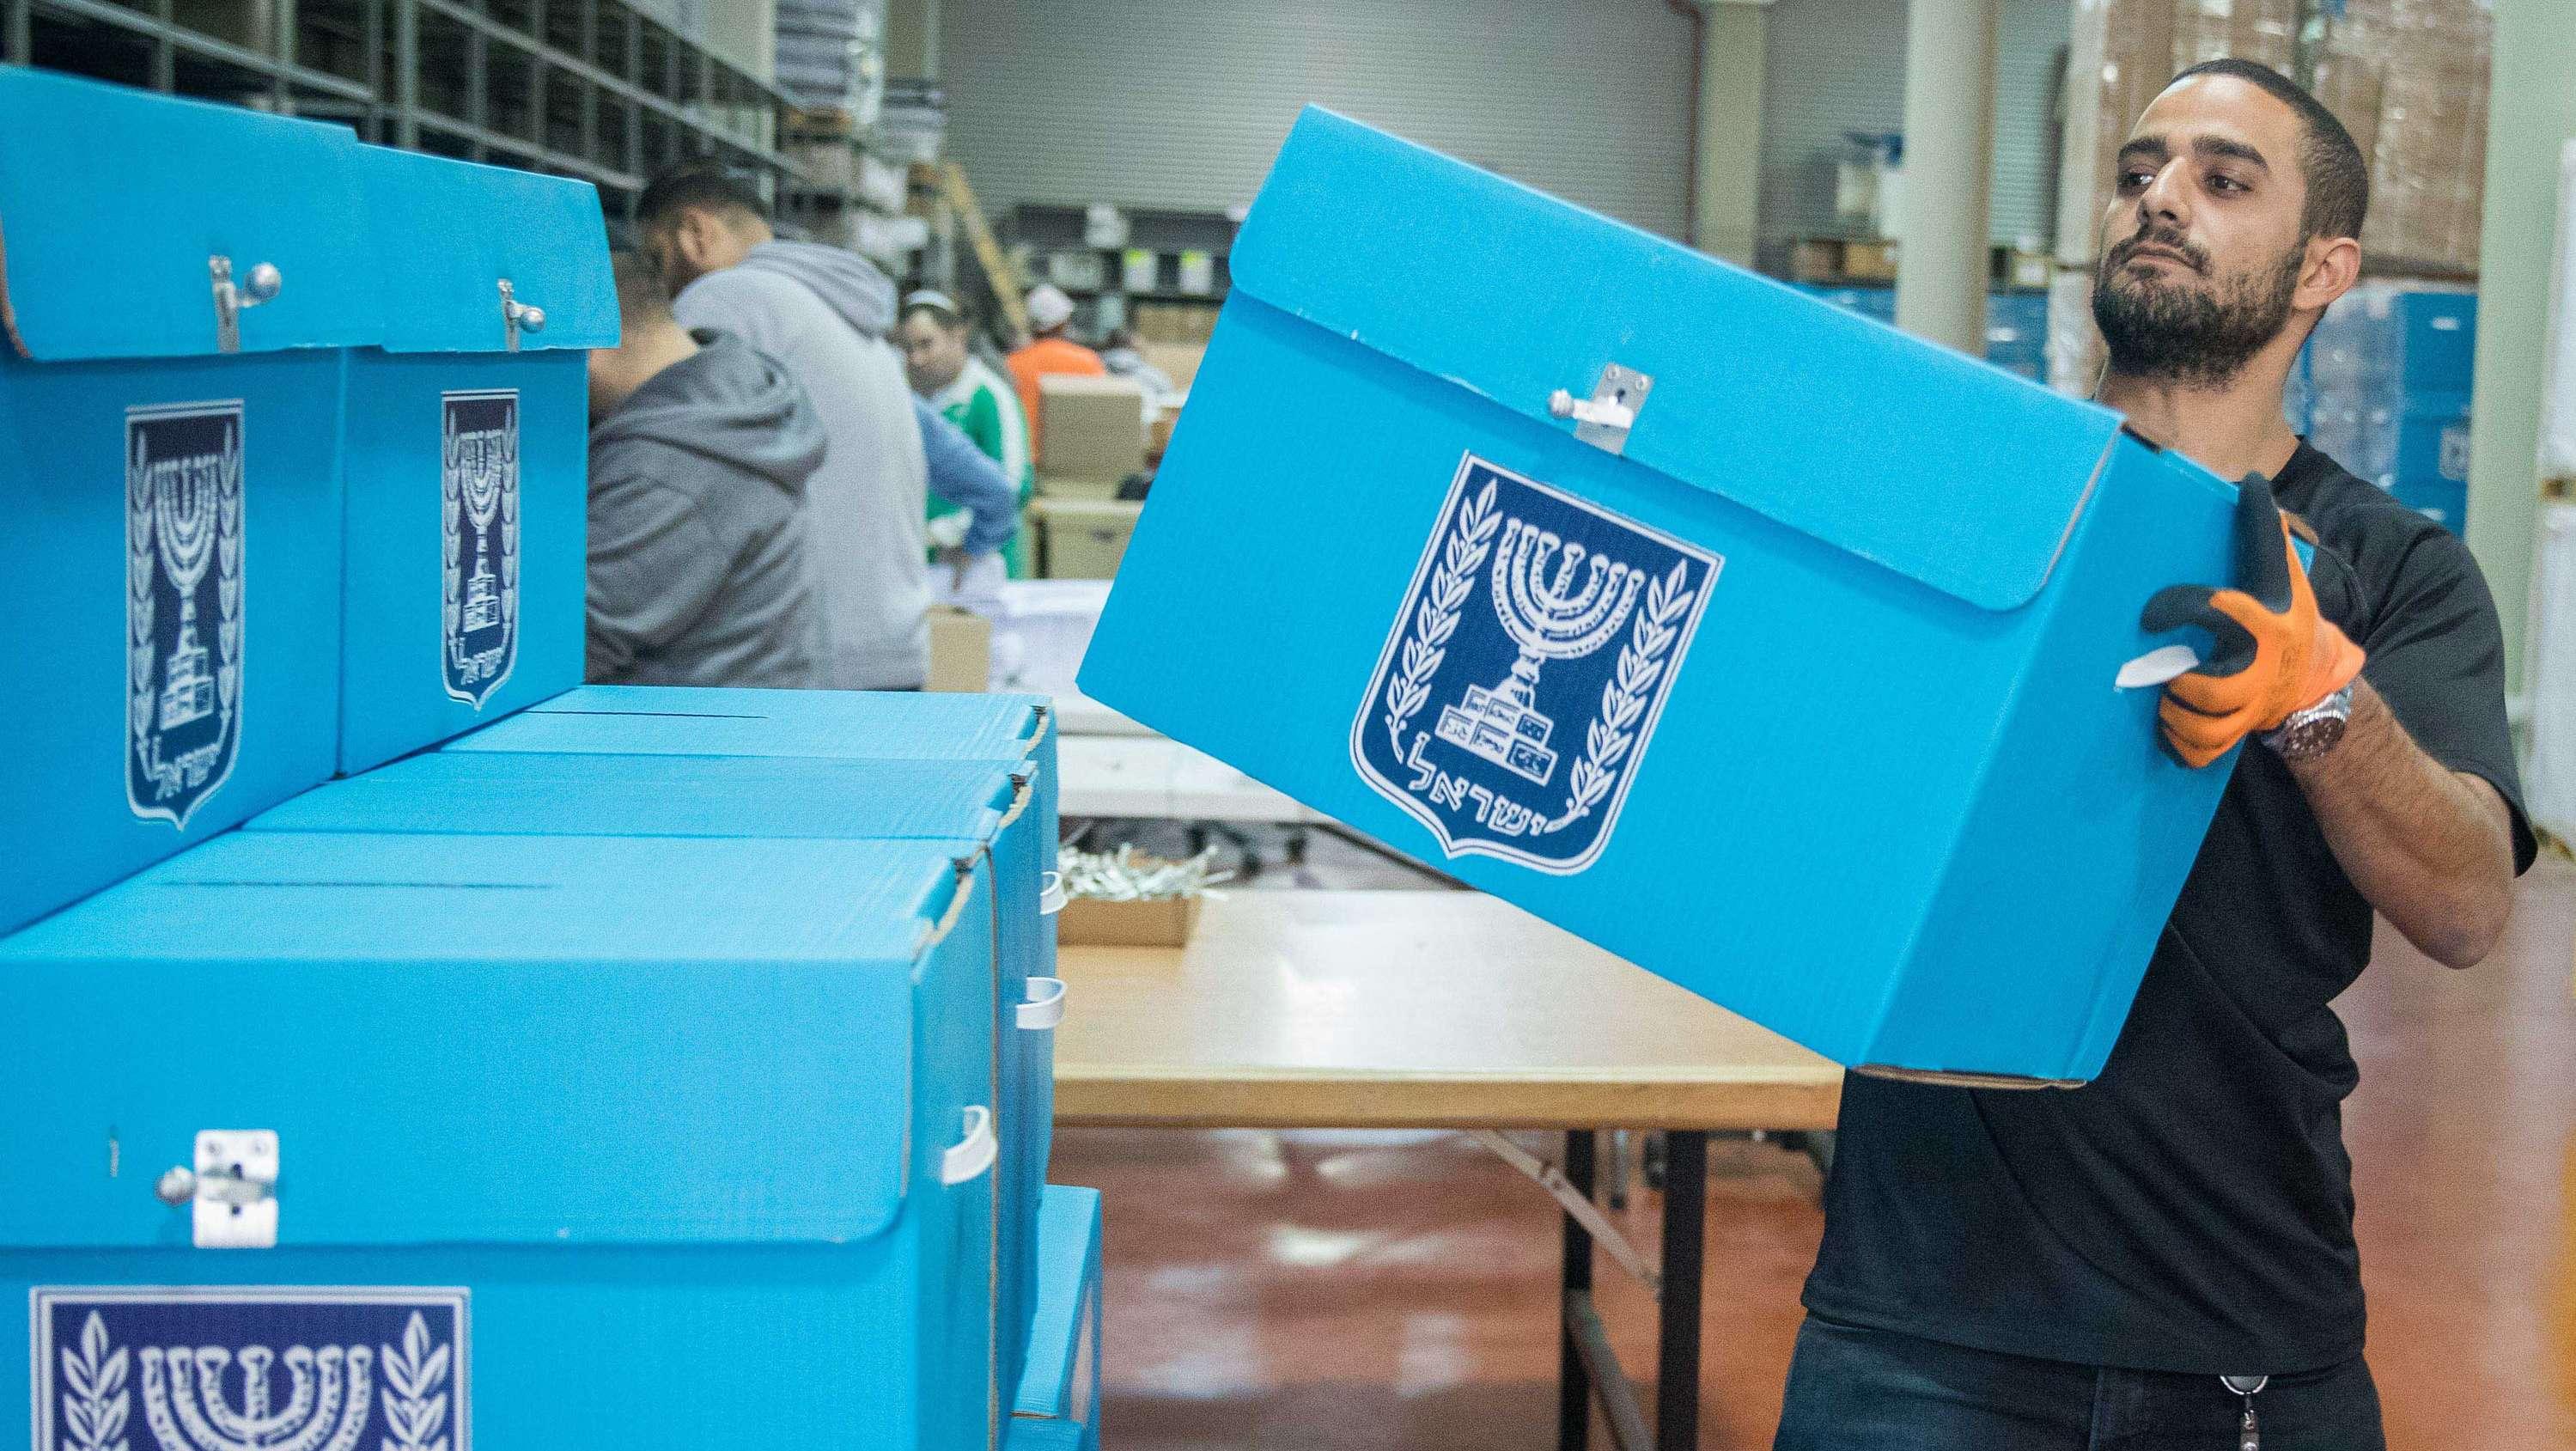 Ein mann trägt in einem Lager eine Wahlurne für die bevorstehenden Wahlen in Israel